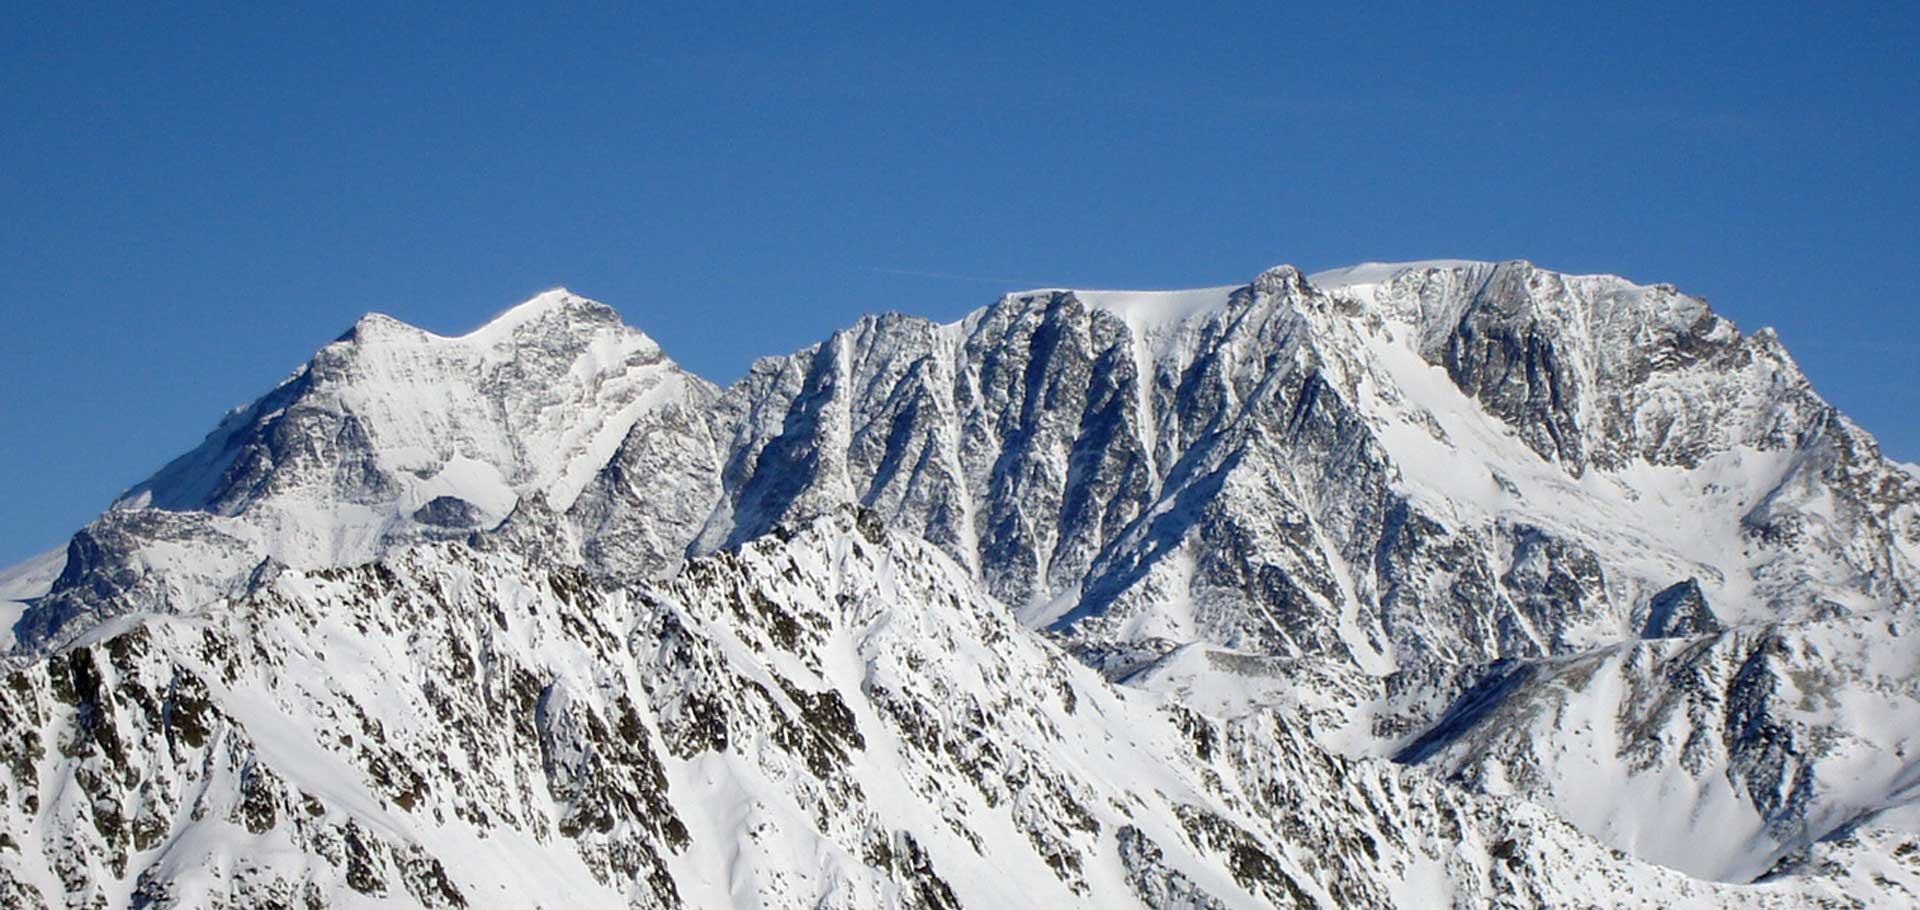 Corsi di sci alpinismo livello 6